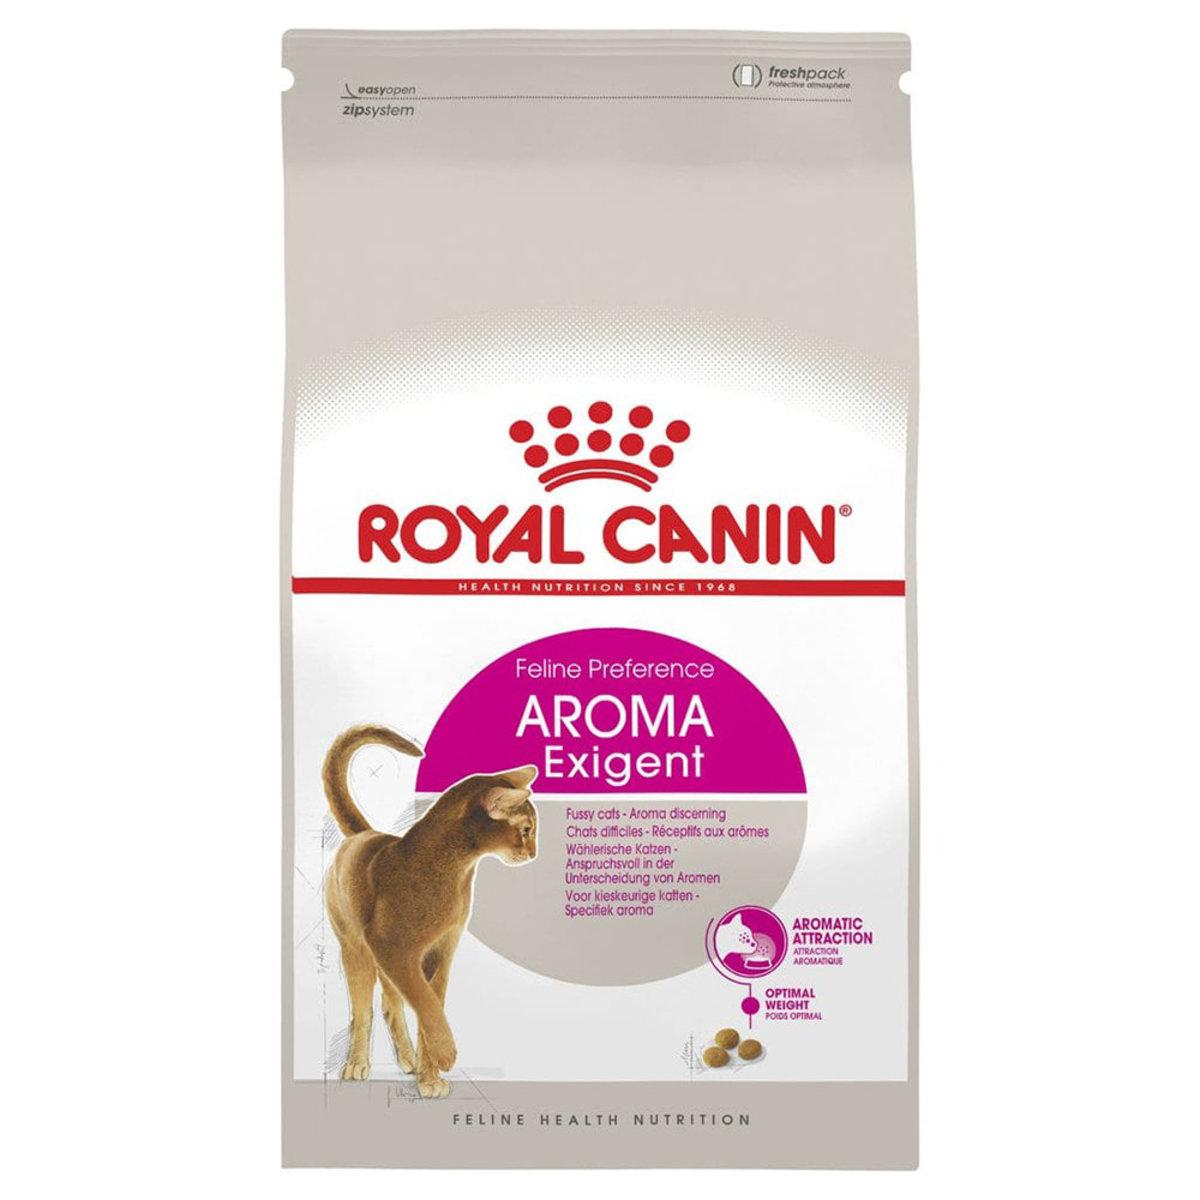 Feline Preference Aroma Exigent Dry Adult Cat Food 2kg